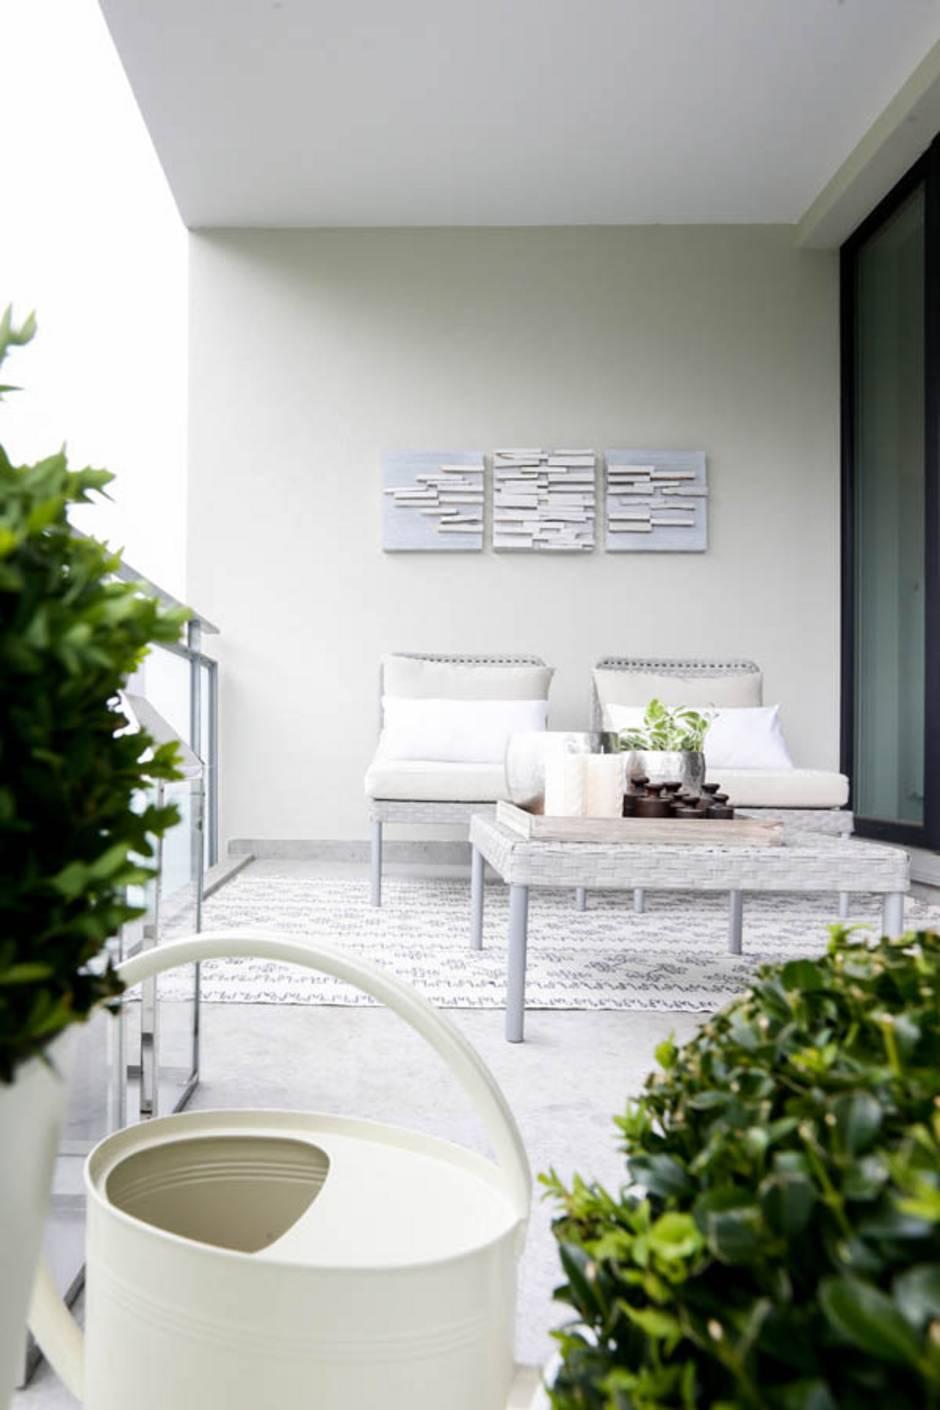 kleiner Balkon, nachher, gemütliche Sitzgruppe, Foto: balkongestalter.de